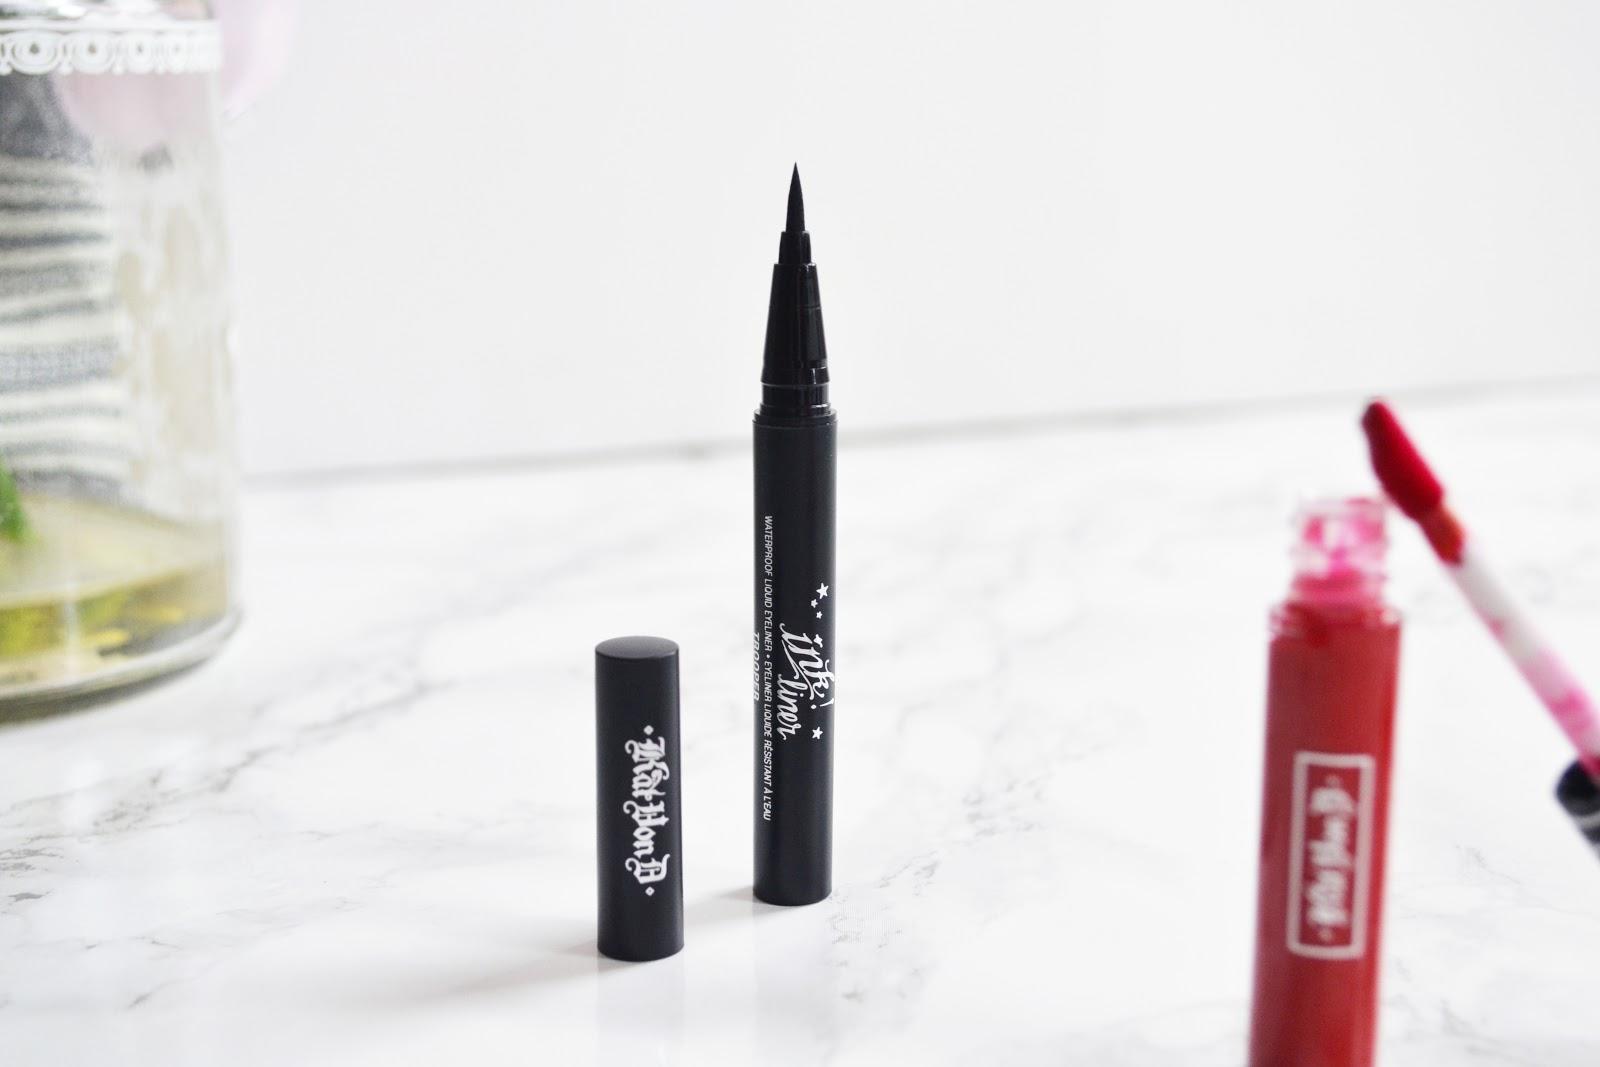 Kat Von D Beauty Ink Liner